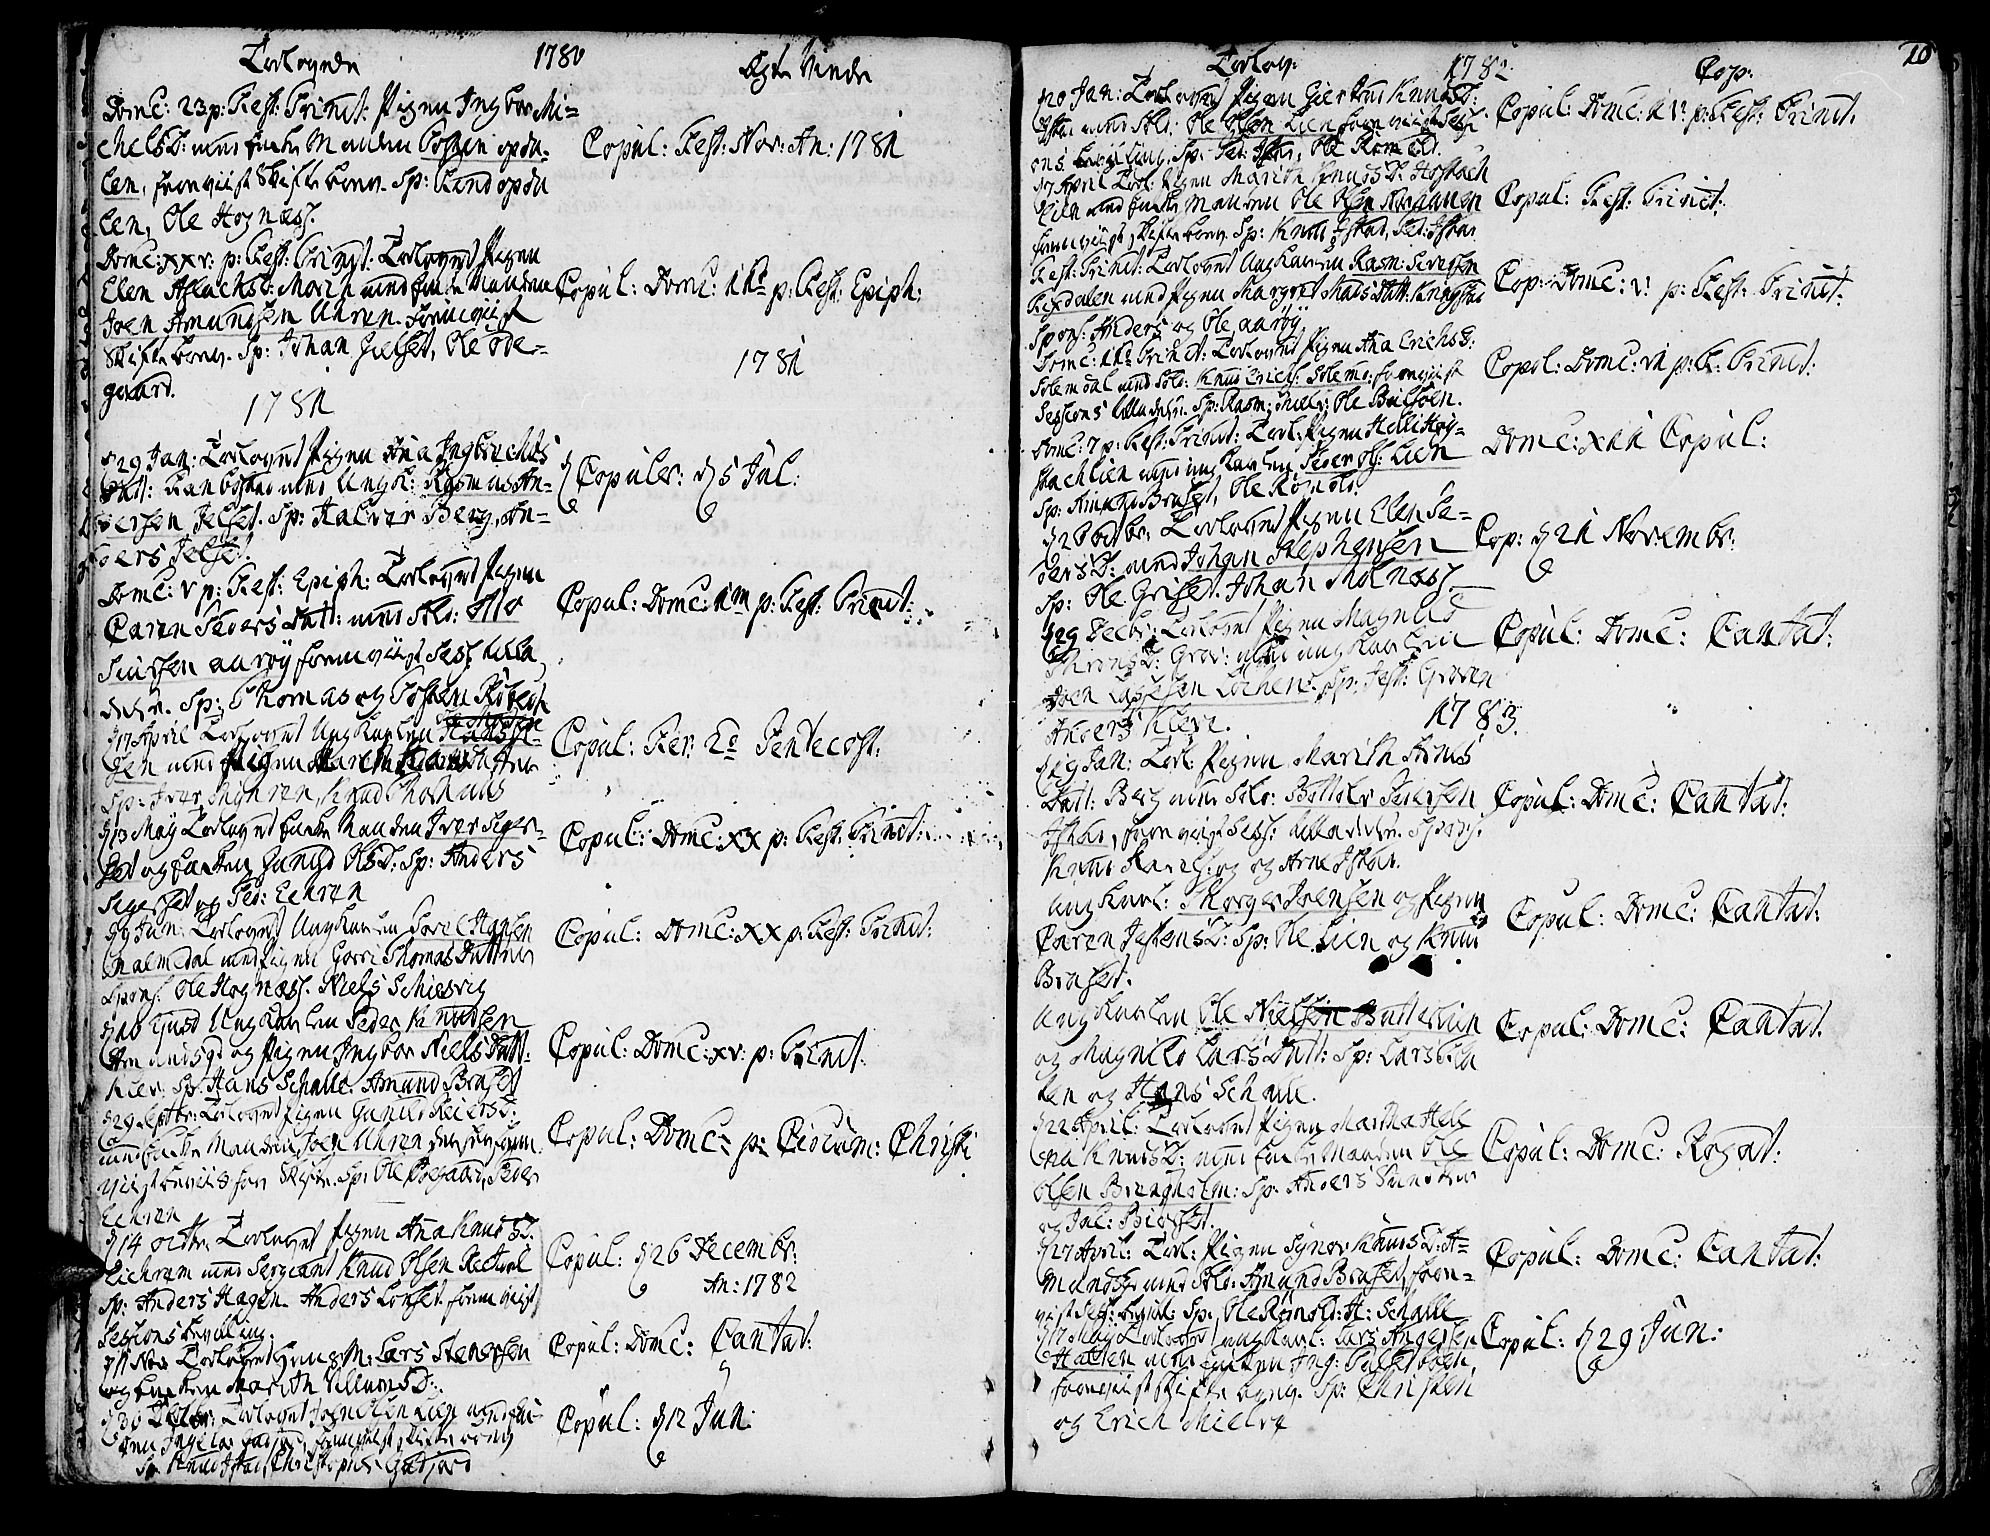 SAT, Ministerialprotokoller, klokkerbøker og fødselsregistre - Møre og Romsdal, 555/L0648: Ministerialbok nr. 555A01, 1759-1793, s. 10